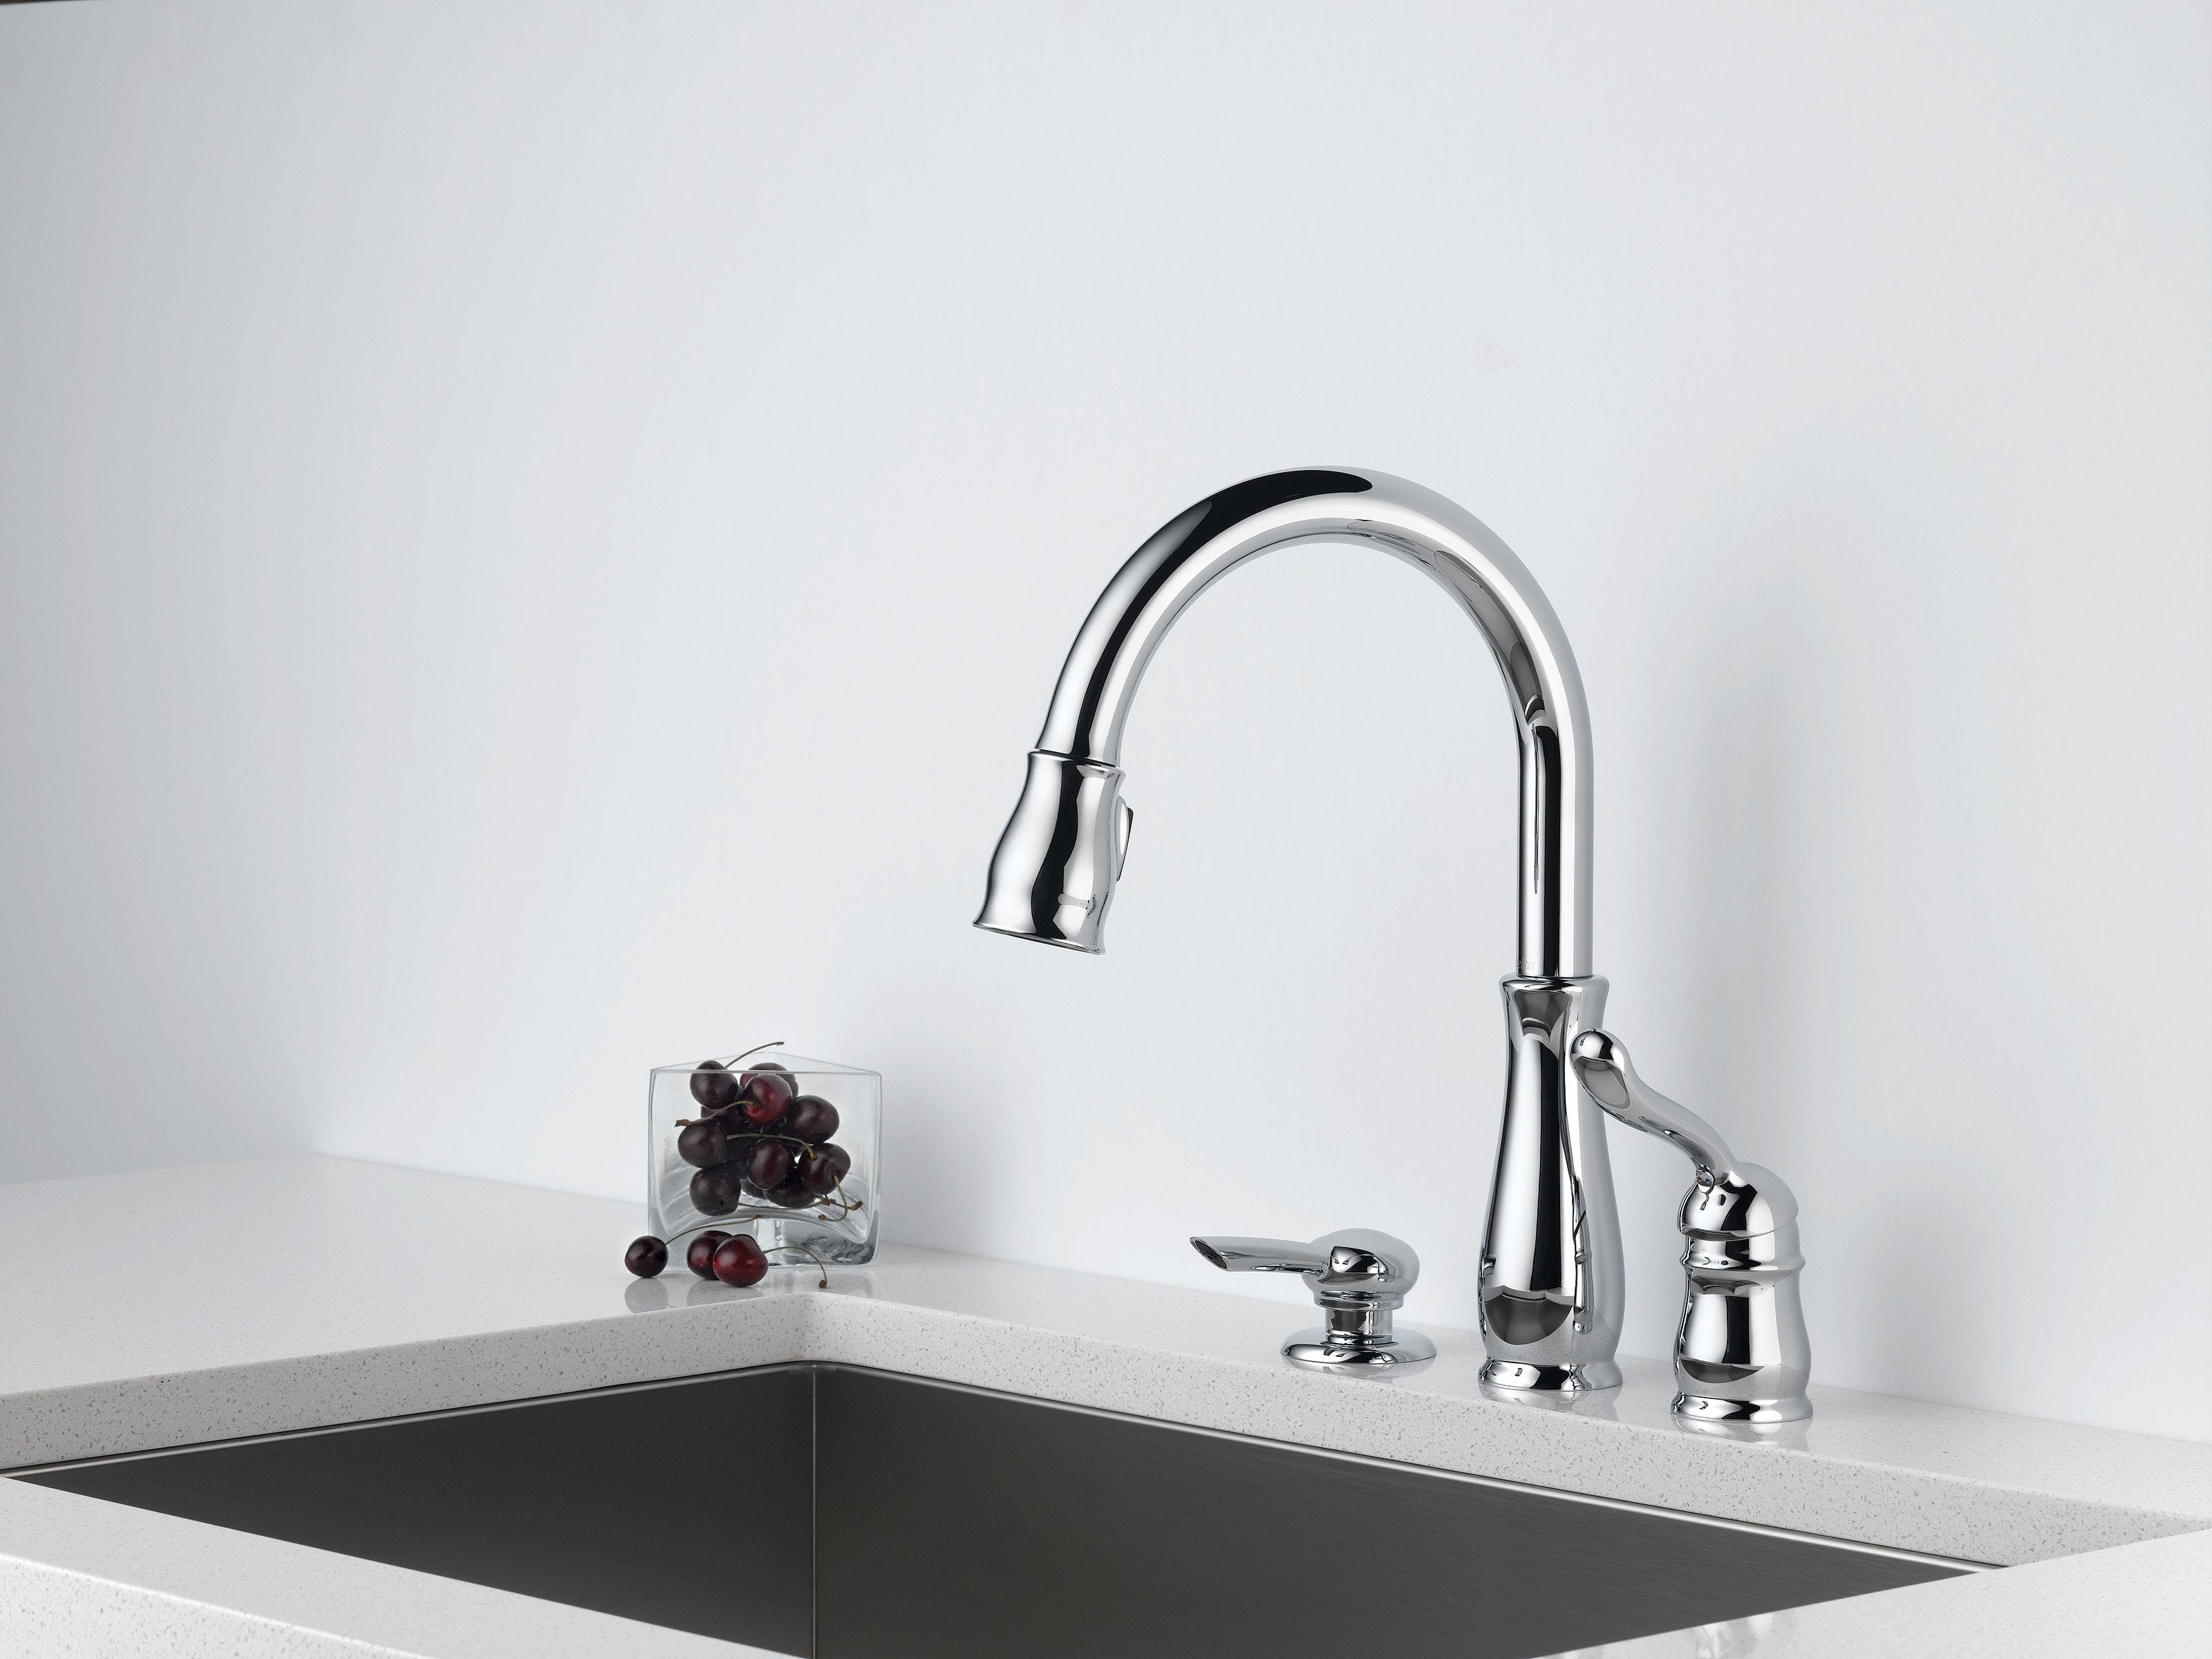 faucet roman shower addison champagne bronze trim cz rb delta tub with com hand